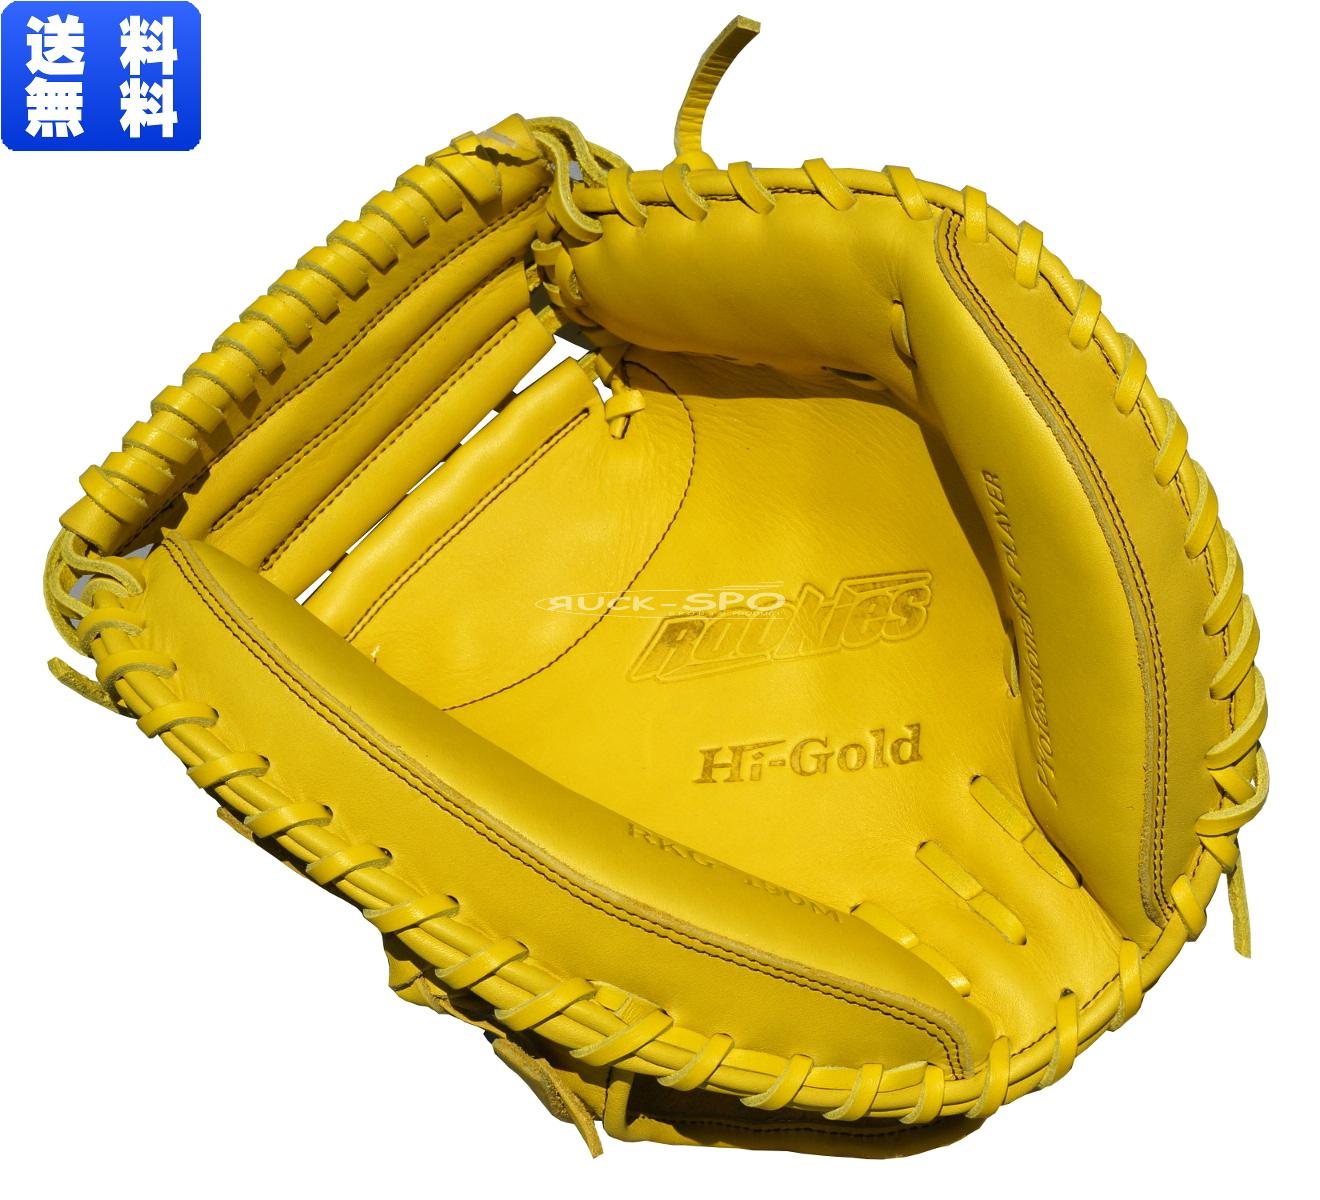 送料無料 2018年モデル ハイゴールド HI-GOLD 捕手用 軟式 ミット グローブ イエロー 黄 少年 野球 RKG190M